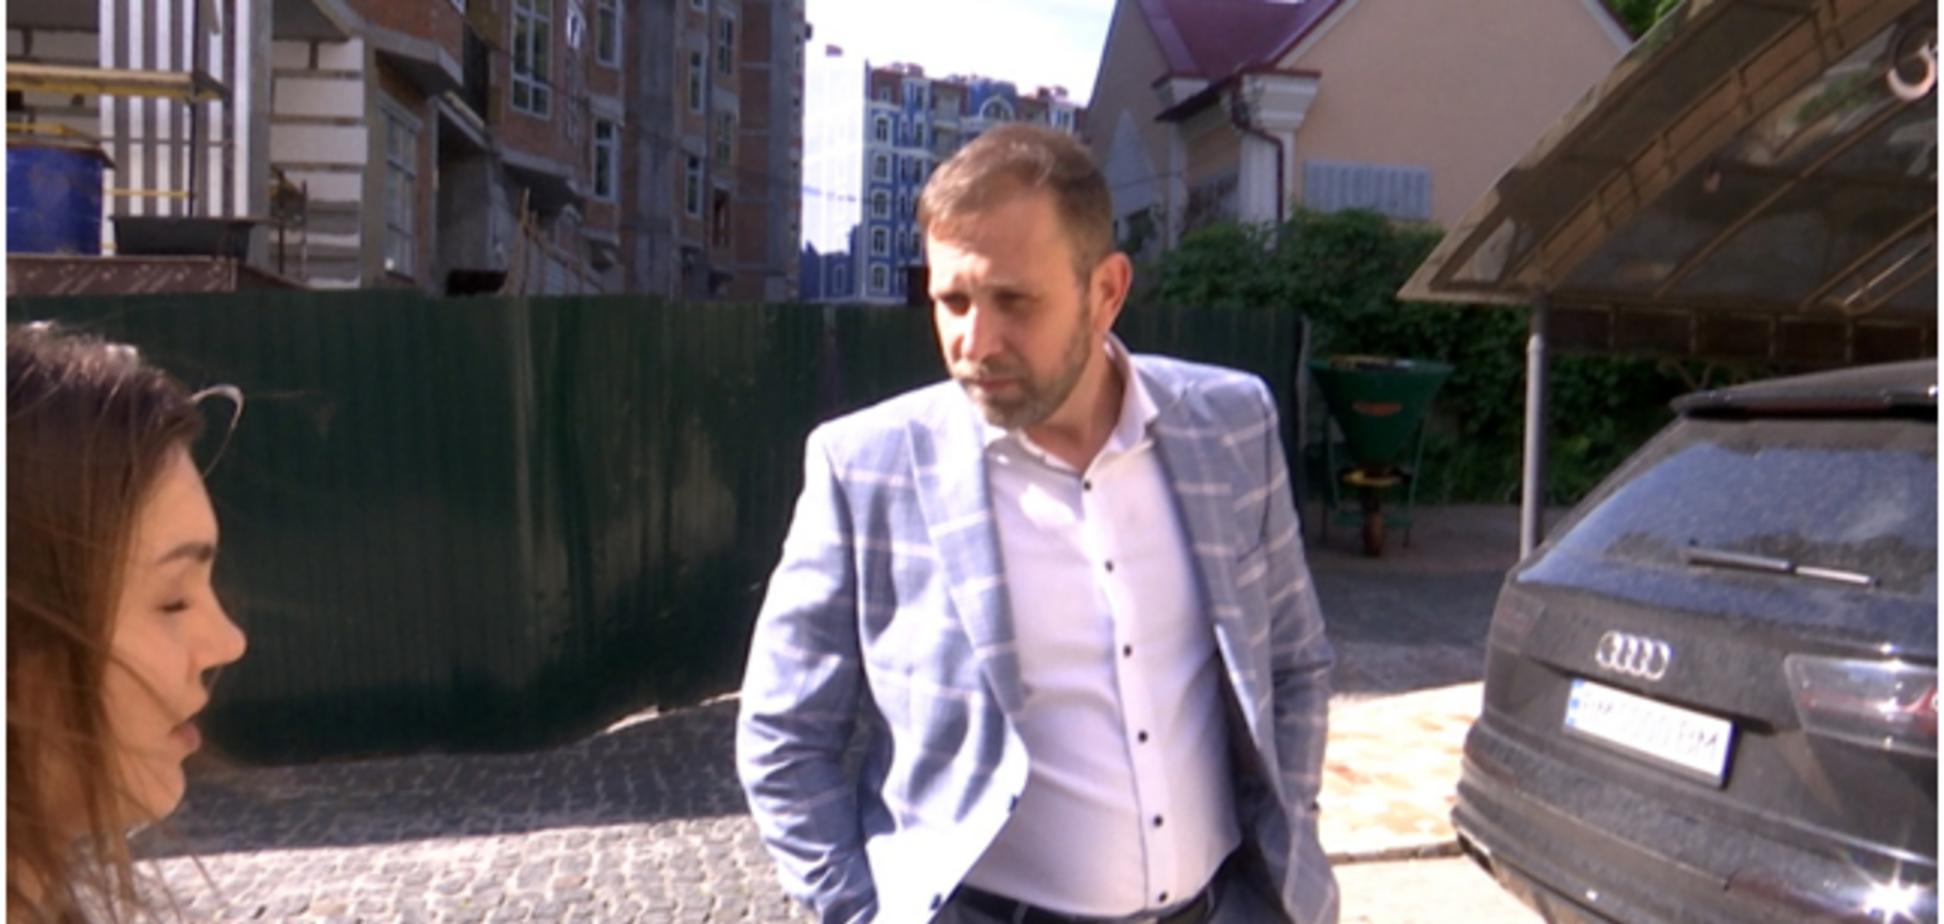 Топ-таможенник Александр Щуцкий скрывает связи с сепаратисткой и элитное имущество – СМИ